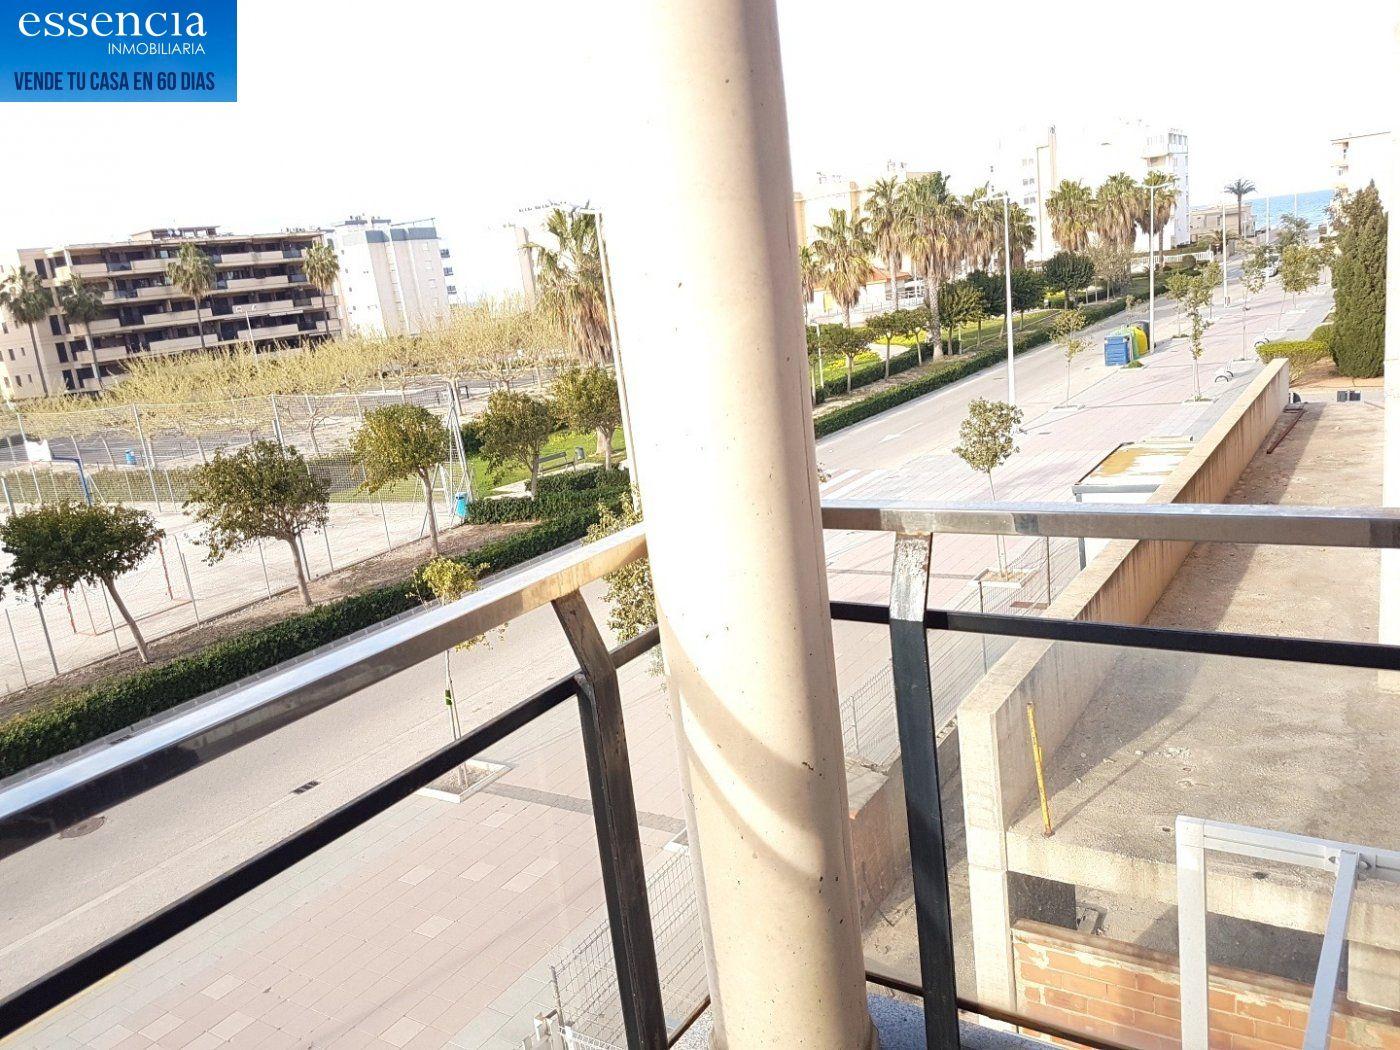 Apartamento con vistas al mar en playa de bellreguard.  garaje y piscina. - imagenInmueble30